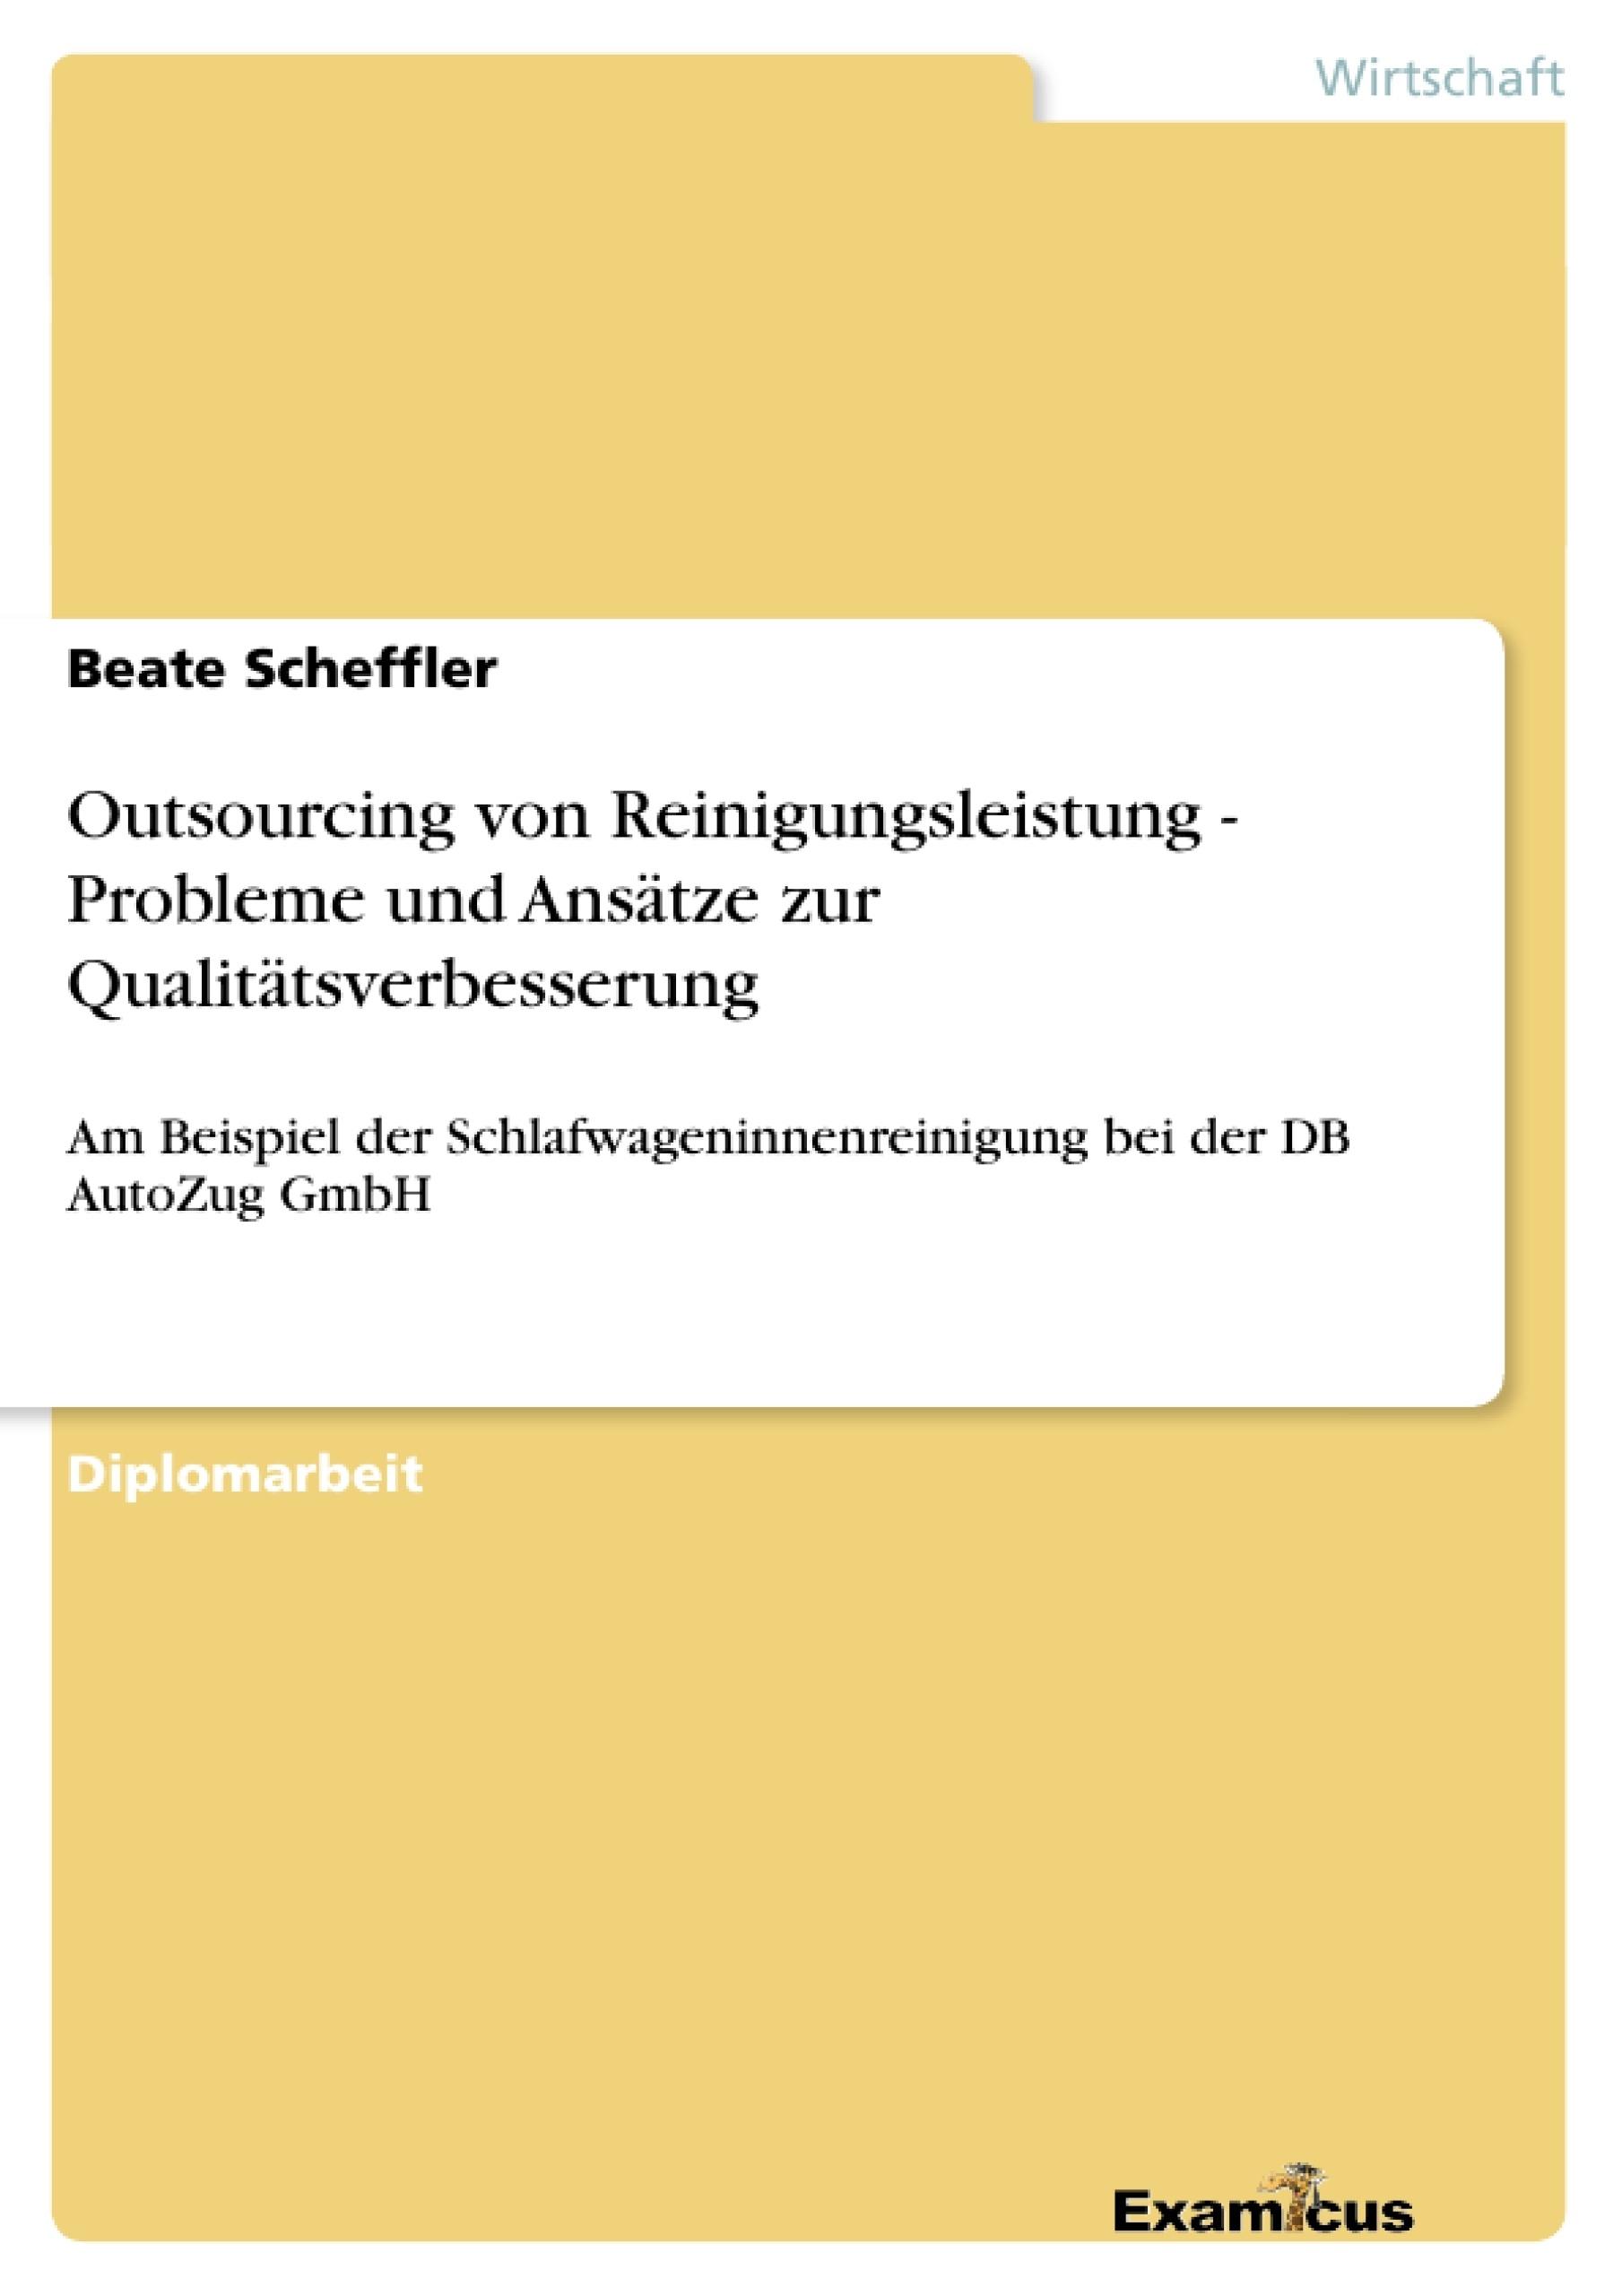 Titel: Outsourcing von Reinigungsleistung - Probleme und Ansätze zur Qualitätsverbesserung